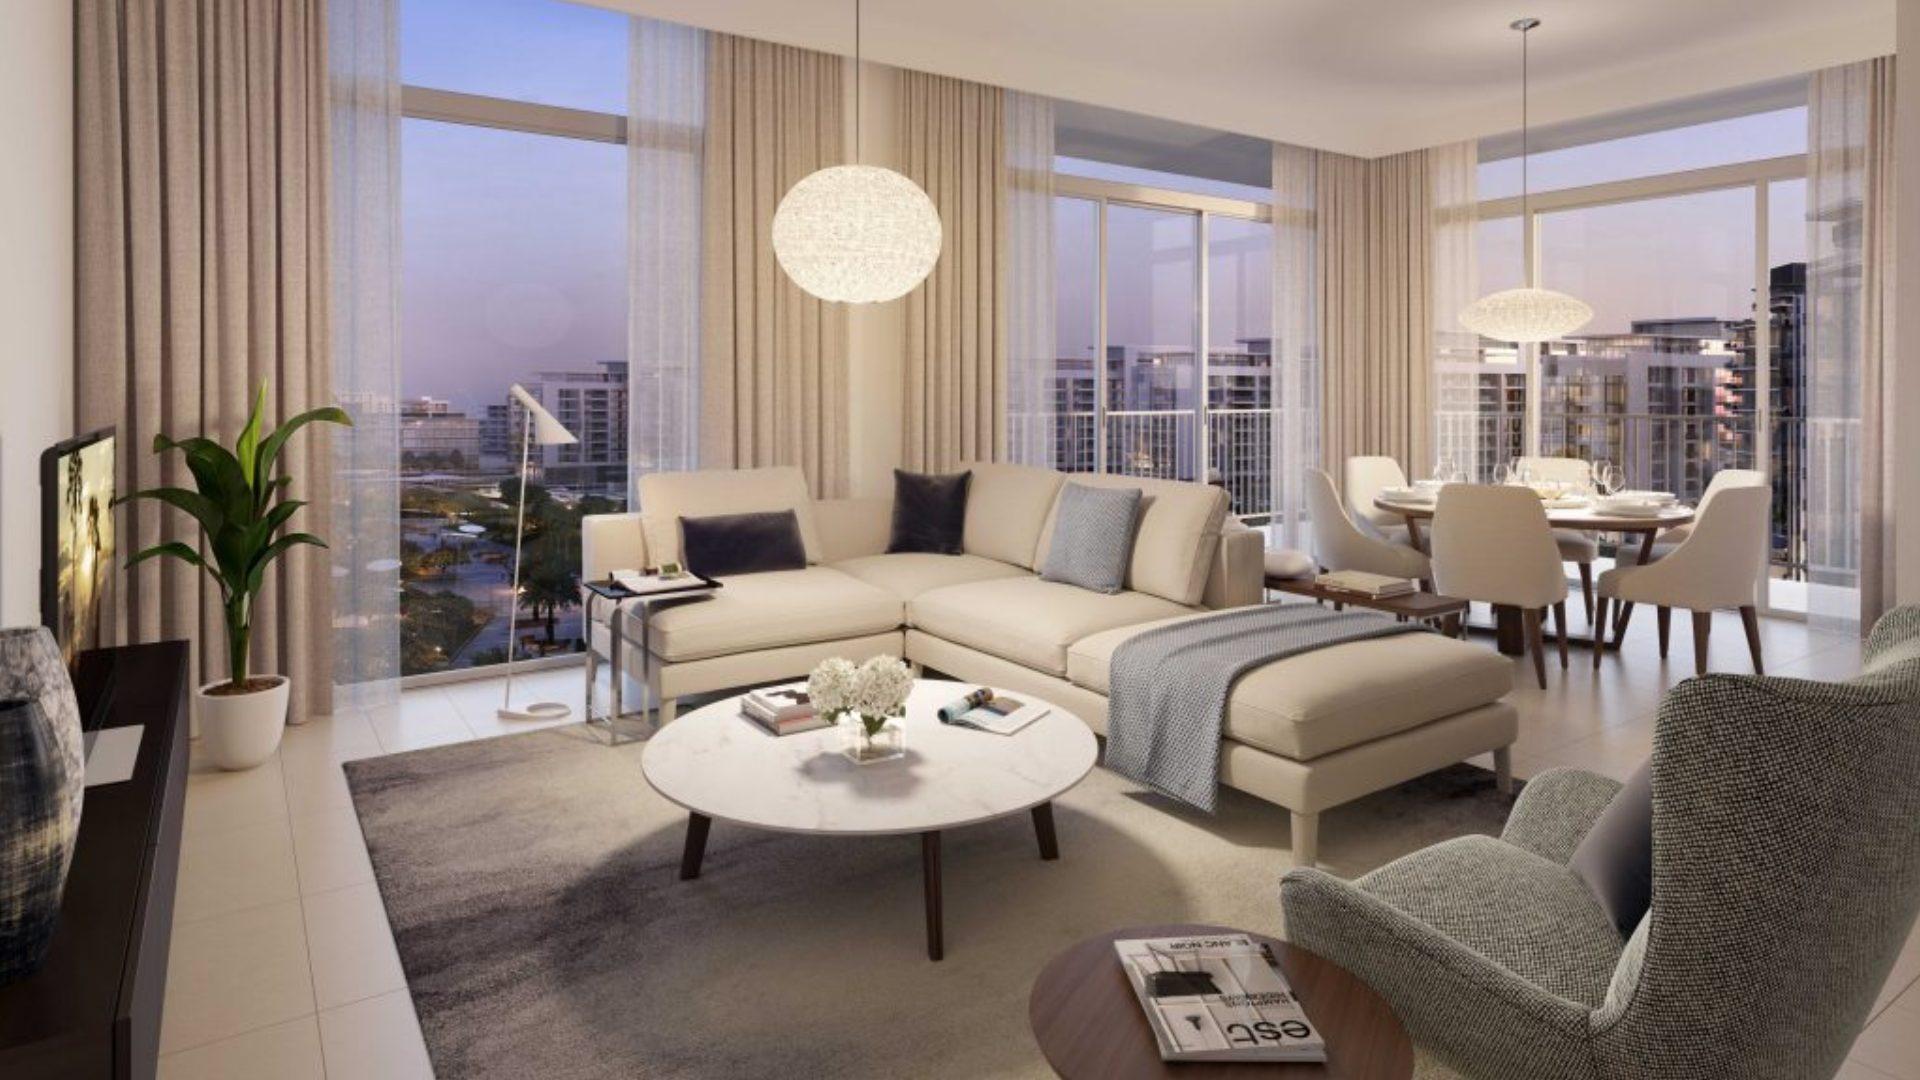 Apartamento en venta en Dubai, EAU, 1 dormitorio, 67 m2, № 24407 – foto 4